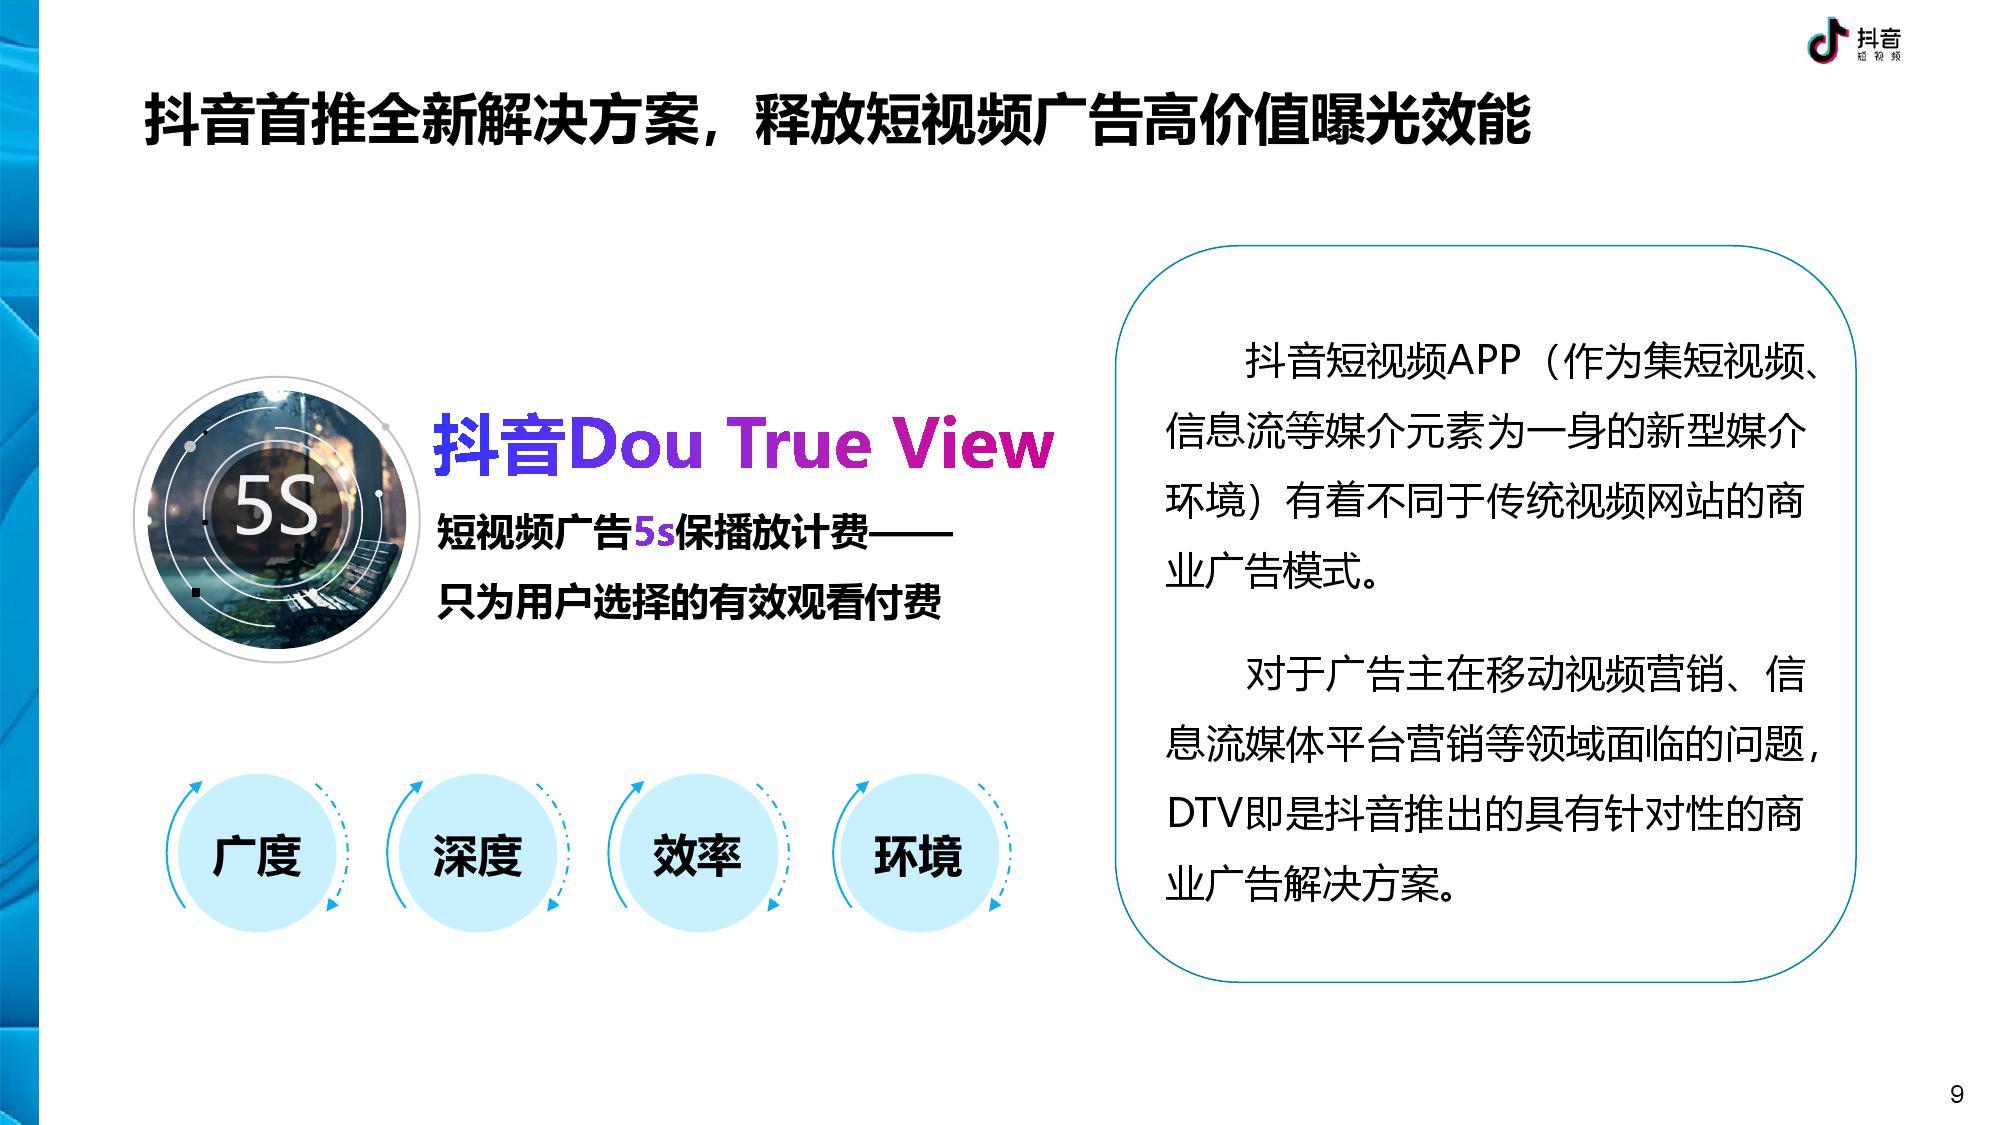 抖音 DTV 广告营销价值白皮书-CNMOAD 中文移动营销资讯 9